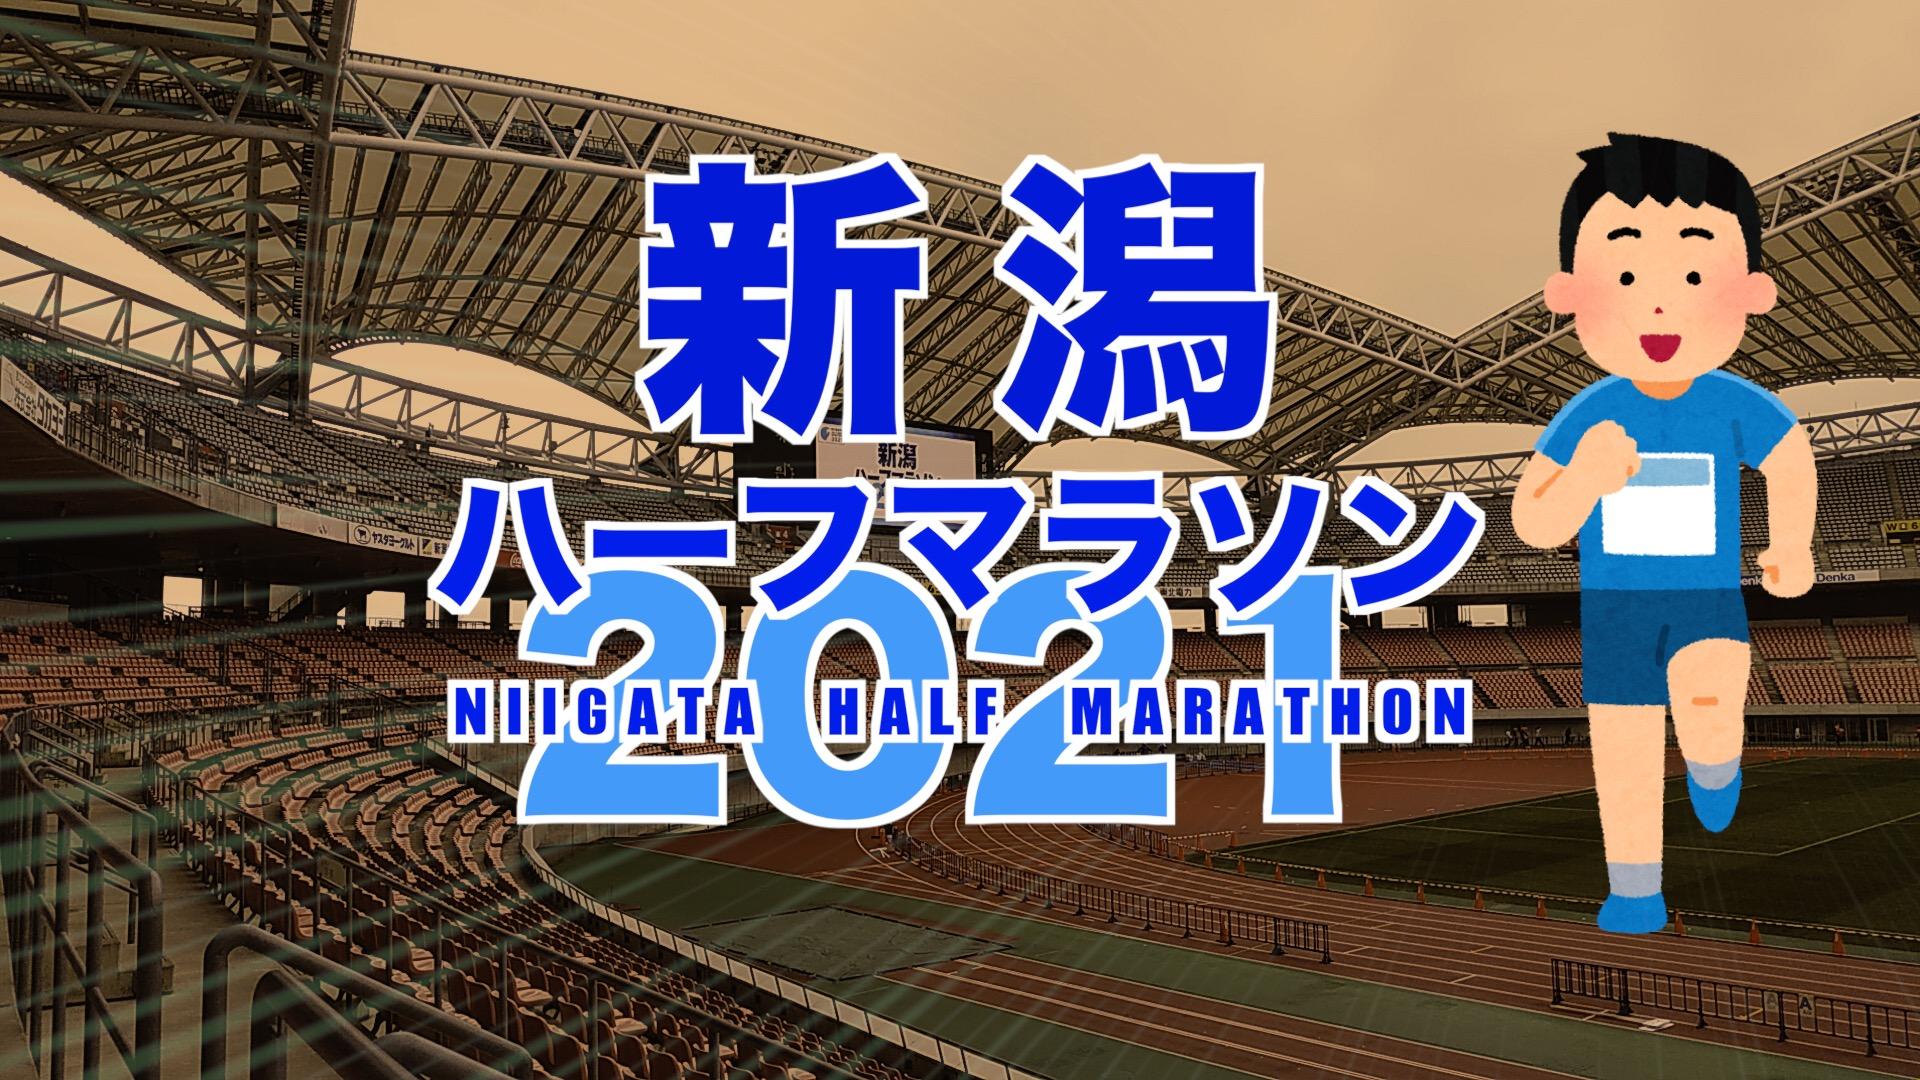 新潟ハーフマラソンアイキャッチ画像